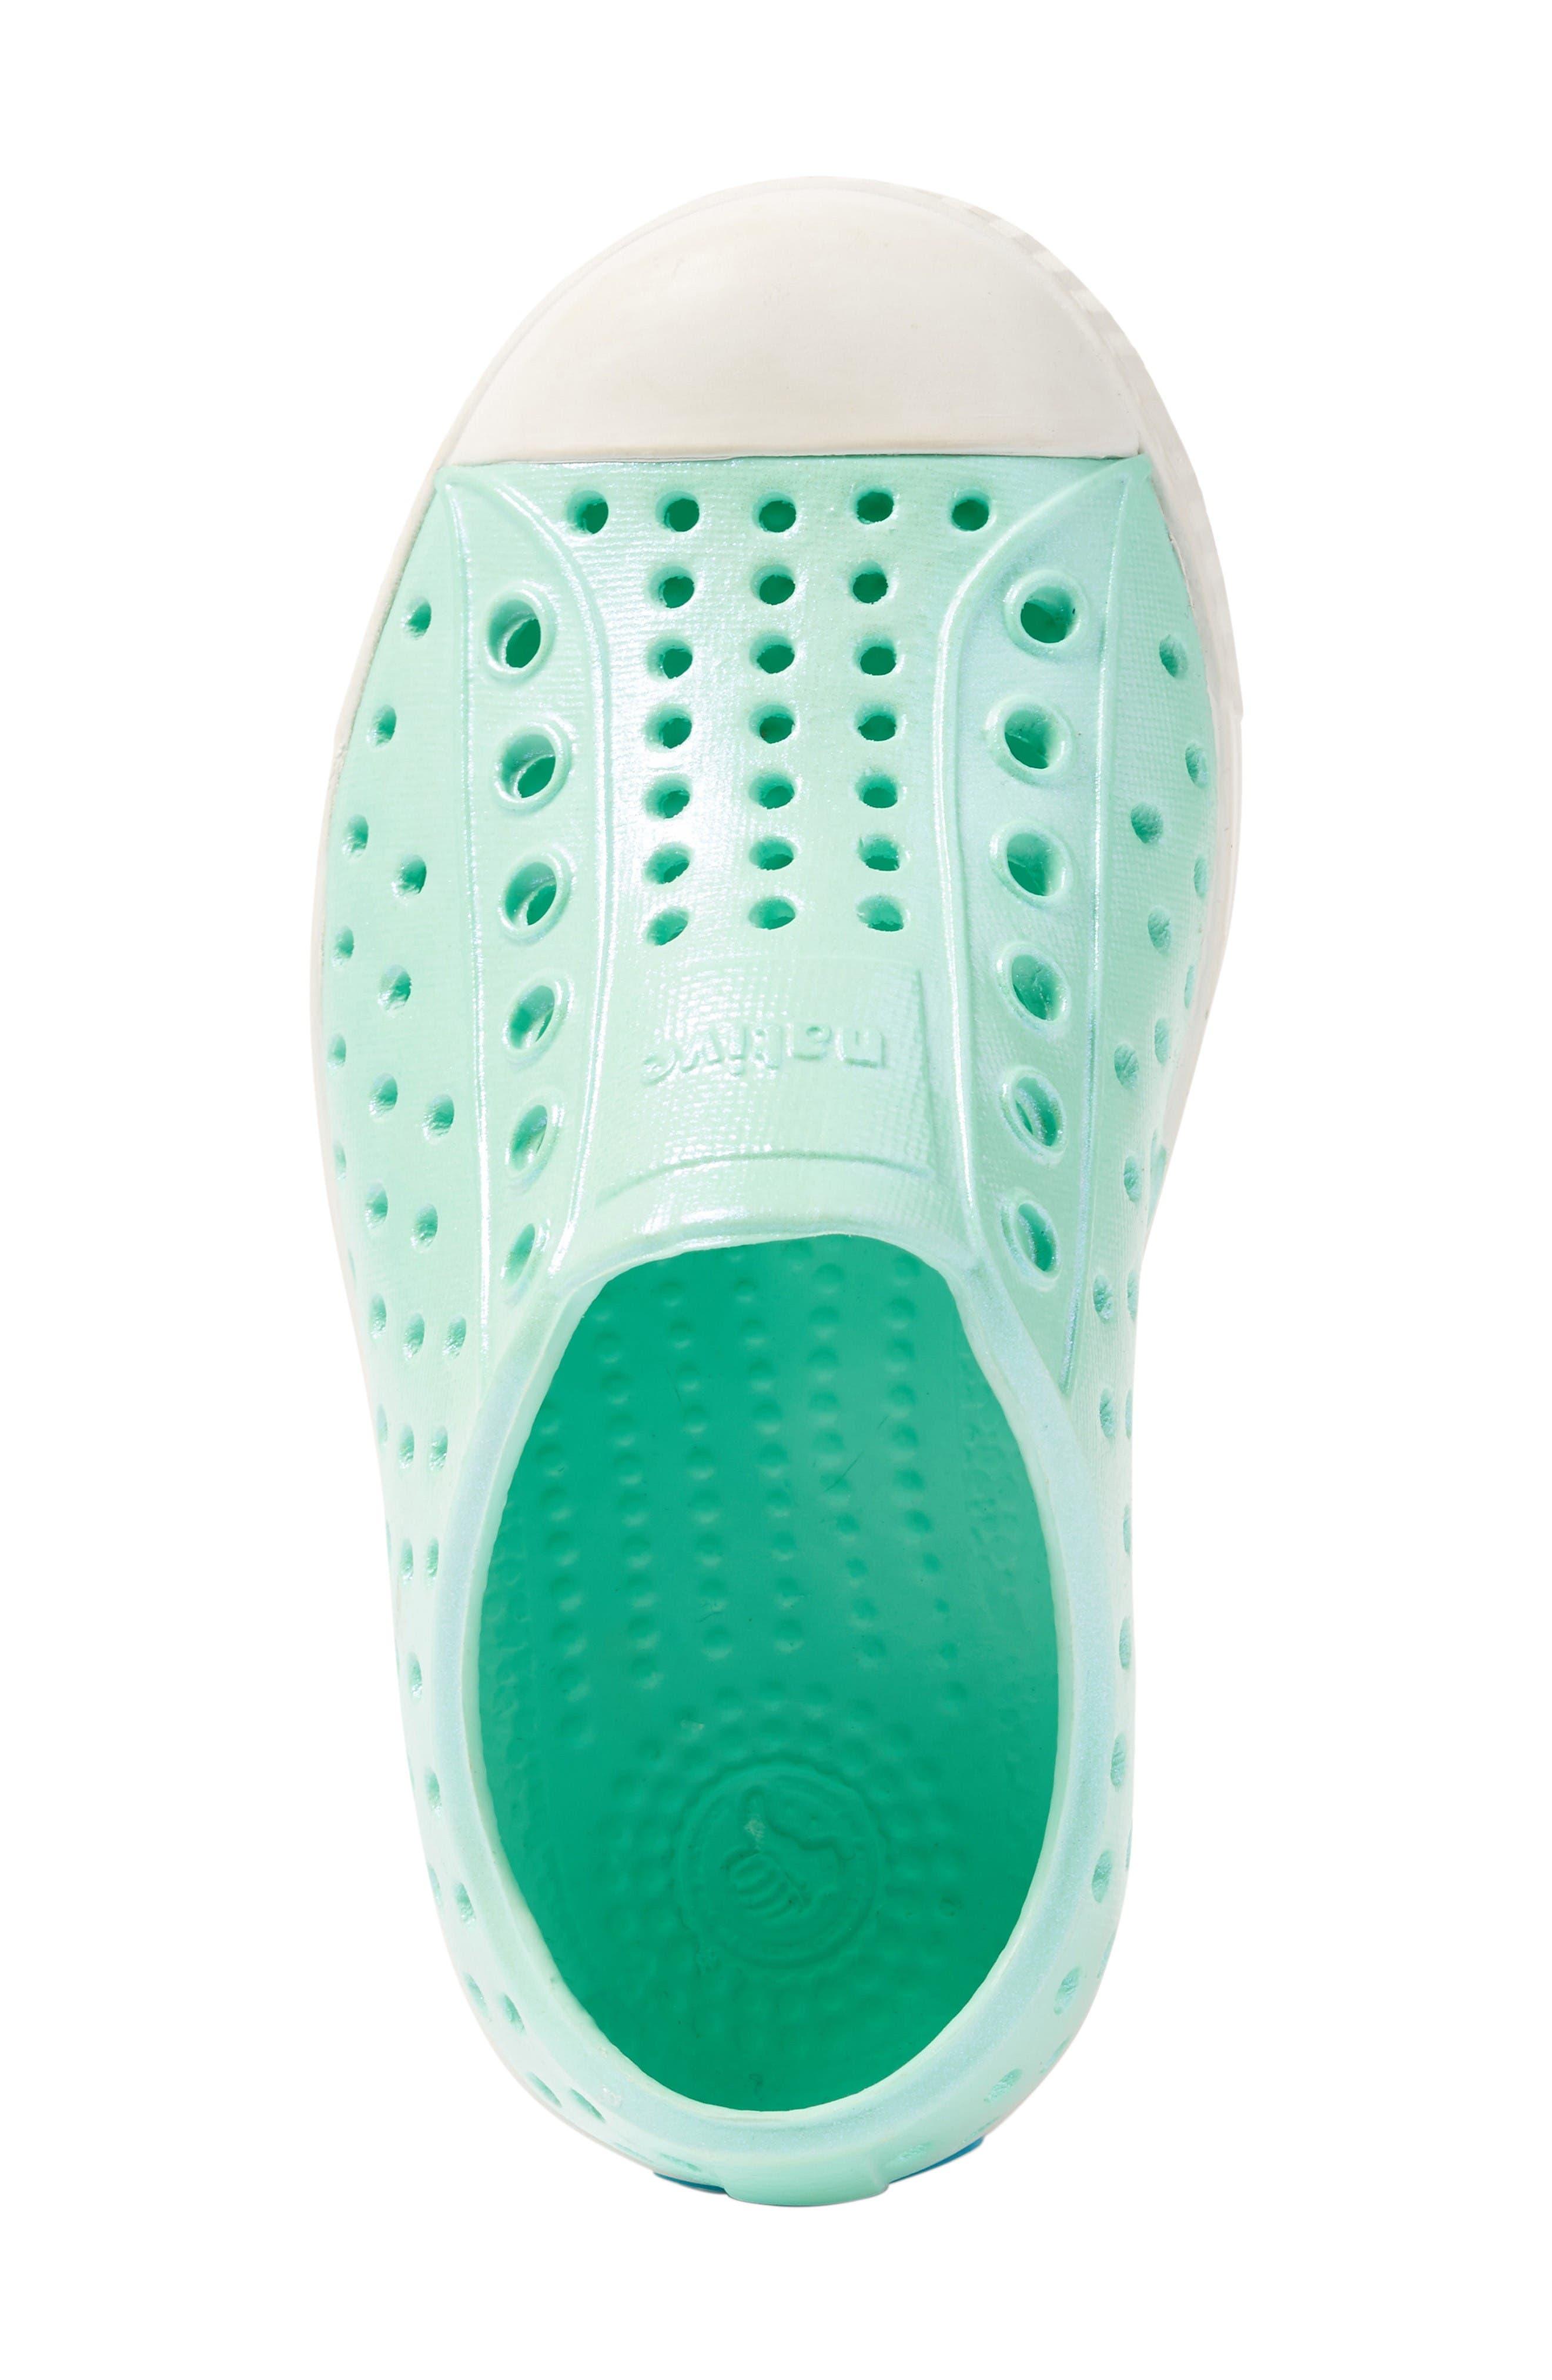 Alternate Image 3  - Native Shoes 'Jefferson' Iridescent Slip-On Sneaker (Baby, Walker, Toddler & Little Kid)